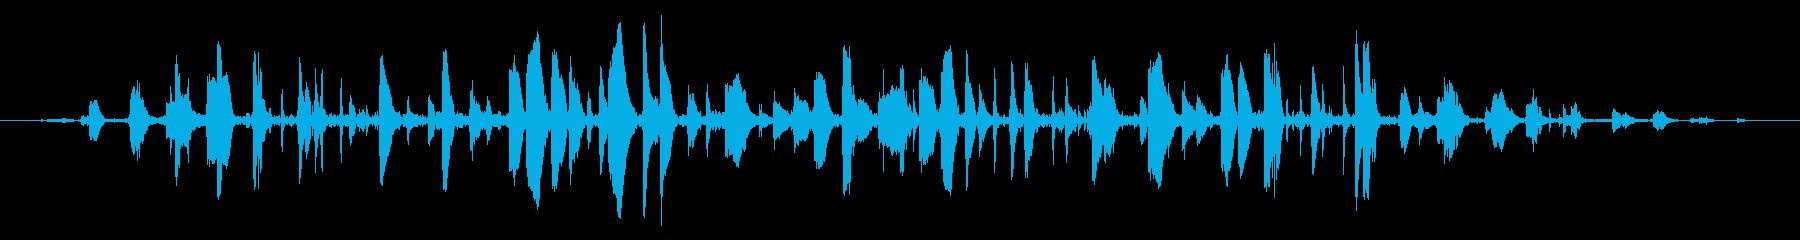 ドライアイス:小さな急速な泡立ちの再生済みの波形